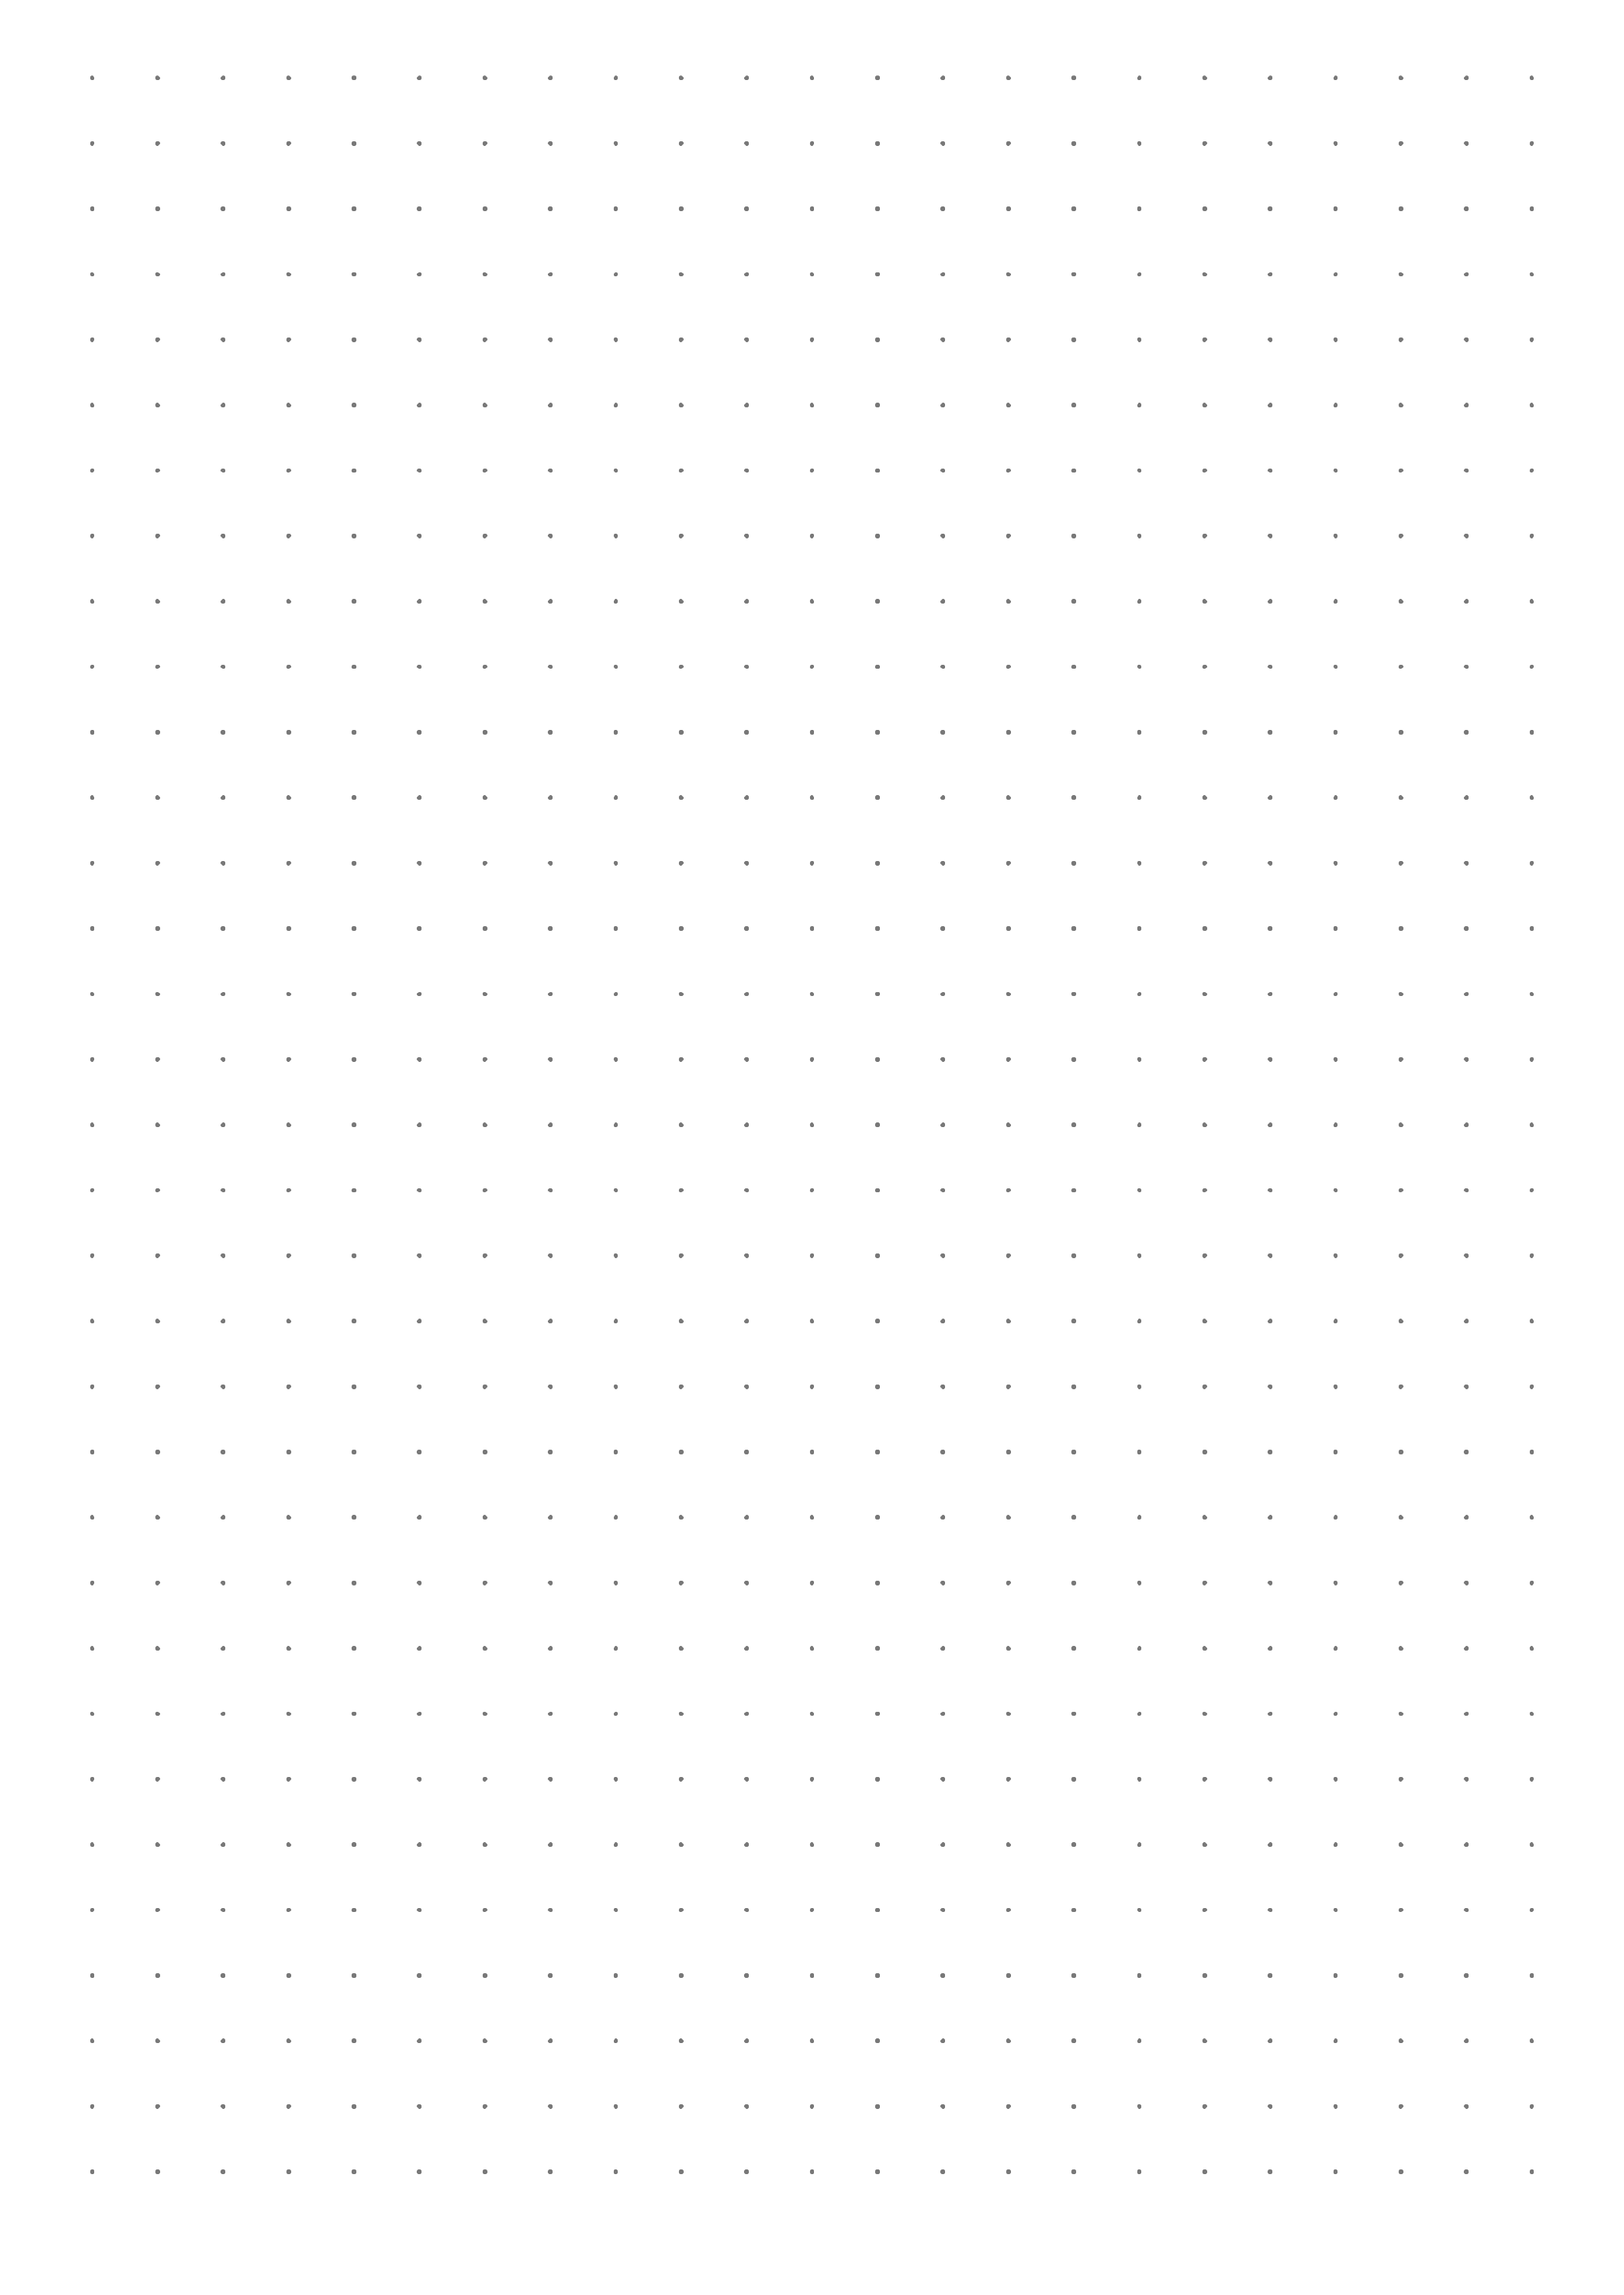 Pin Di Printable Paper Templates